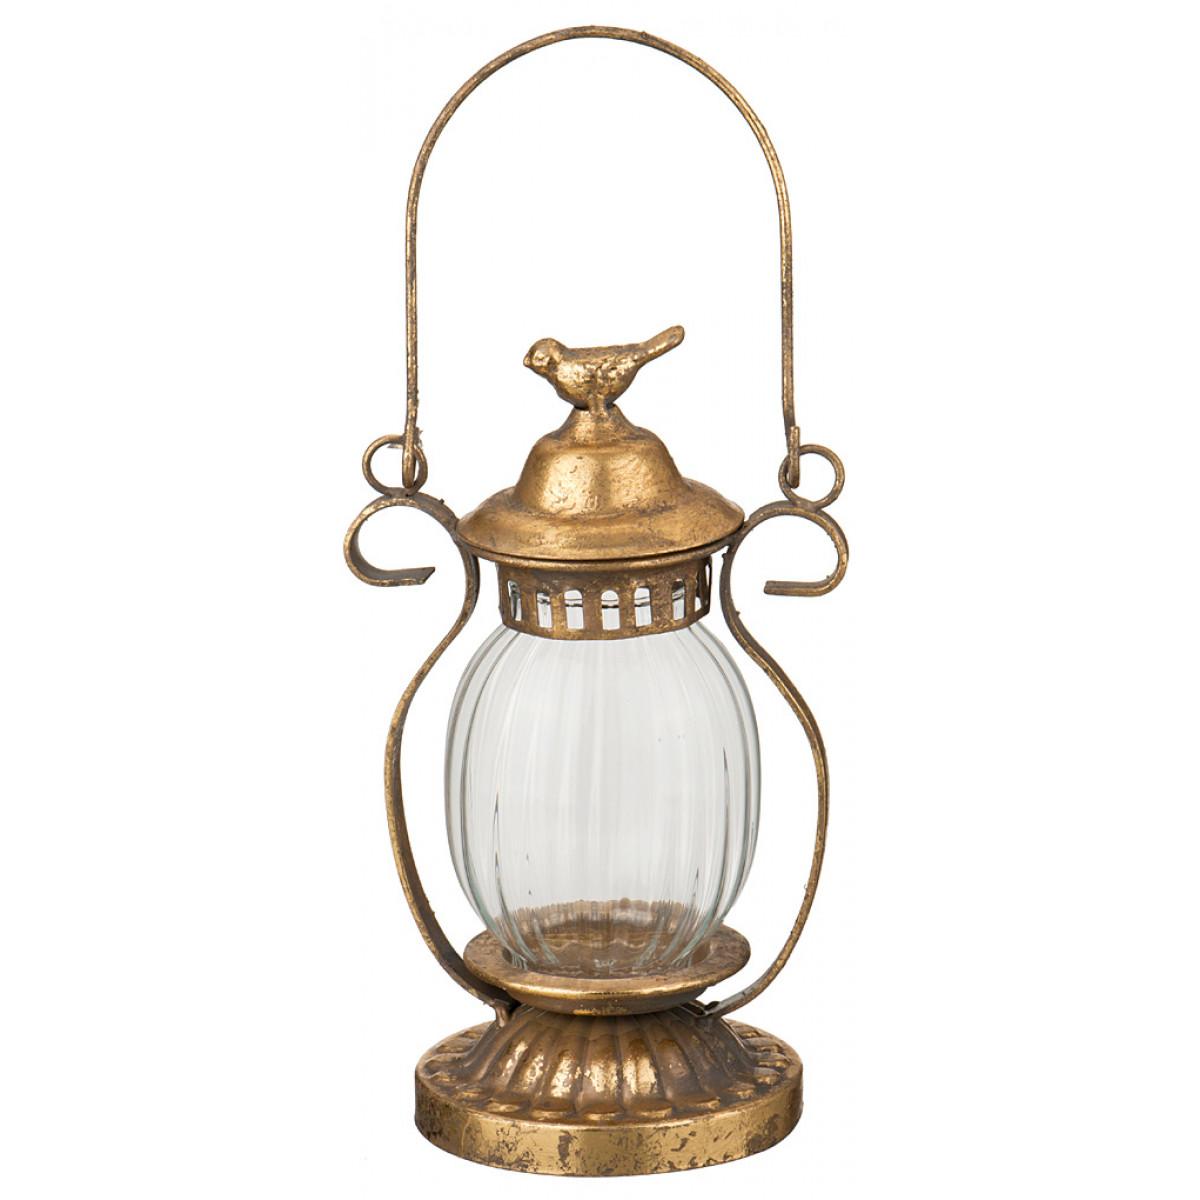 Декоративные свечи Arti-M Свеча-подсвечник Seda (12х15х26 см) arti m свеча подсвечник puilisso 15 см